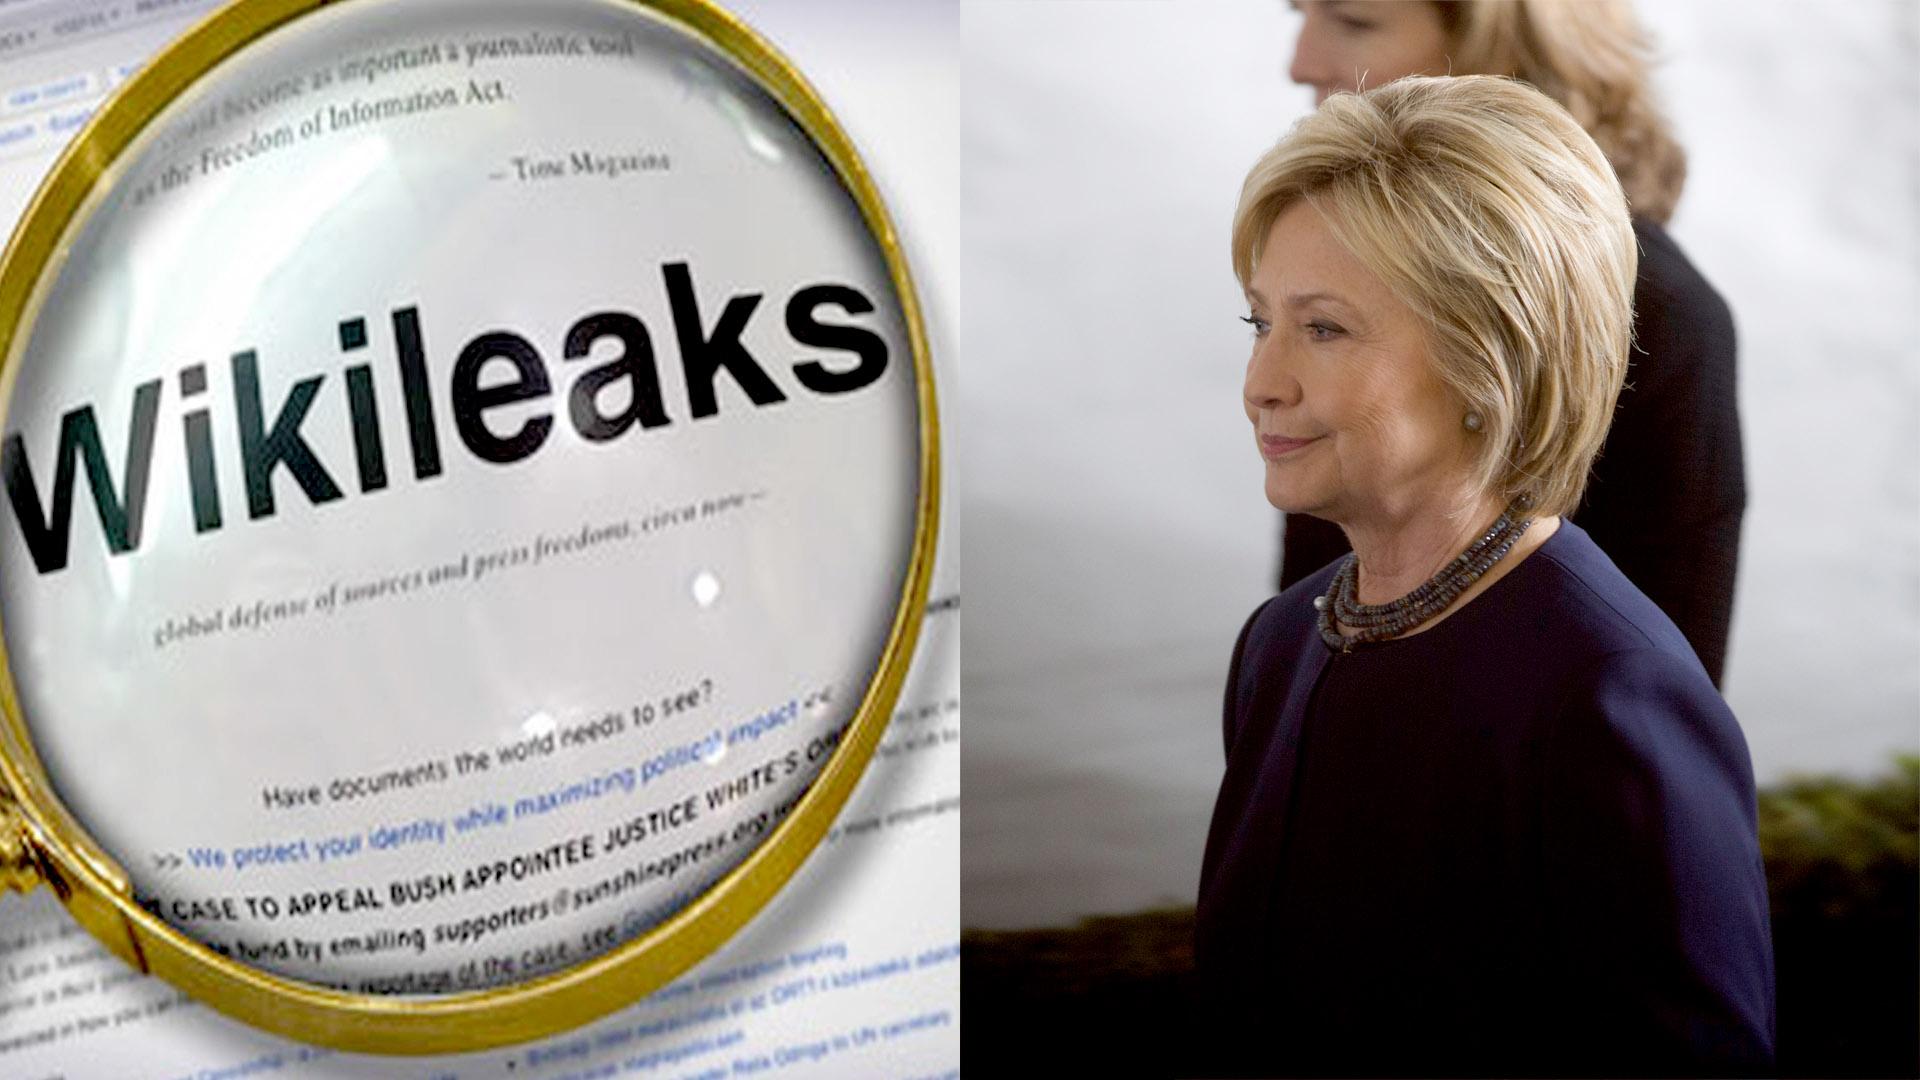 Wikileaks hilari